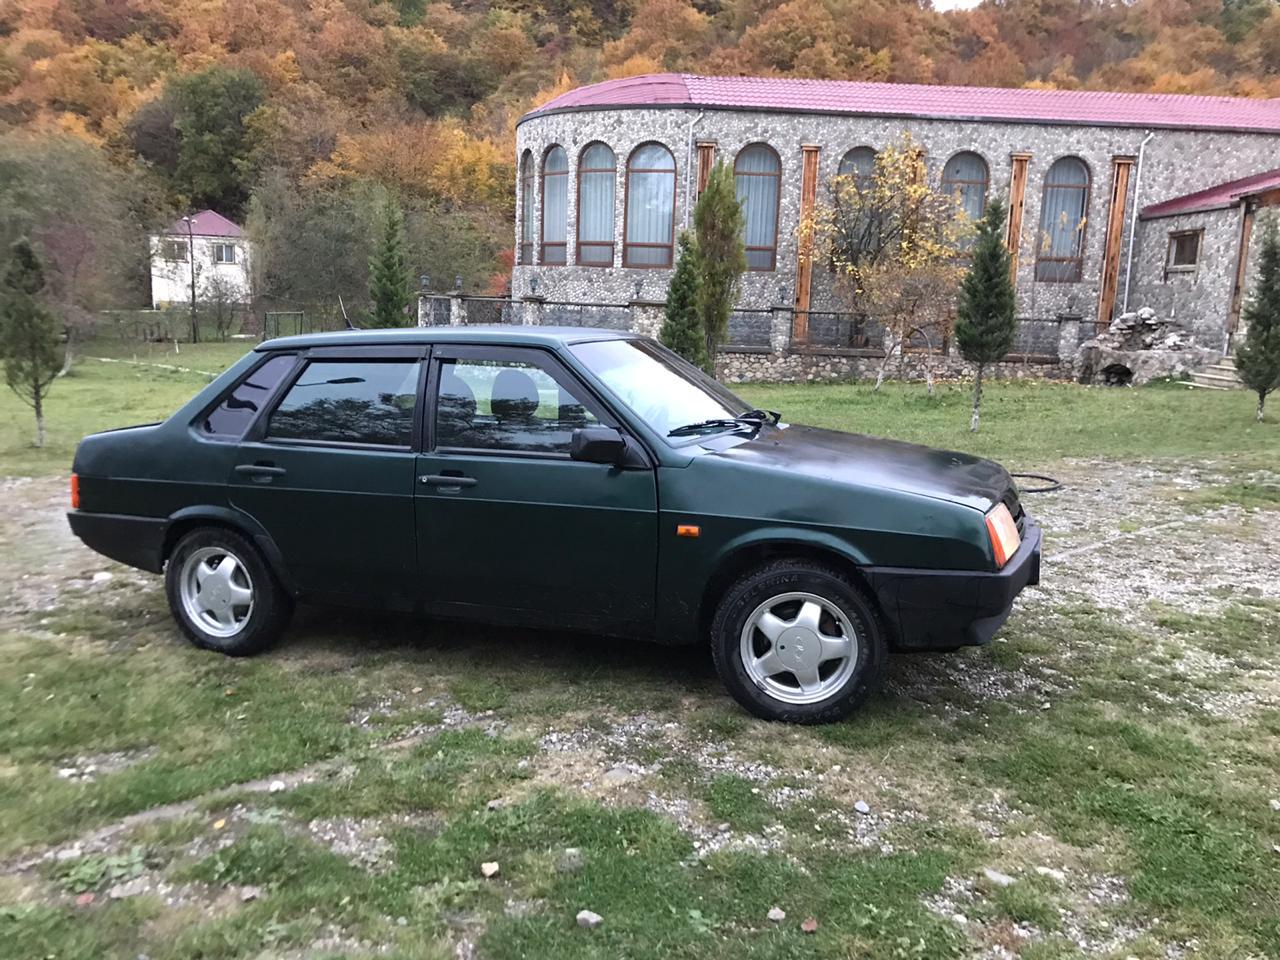 VAZ 21099 1.5(lt) 2004 Подержанный  $3300